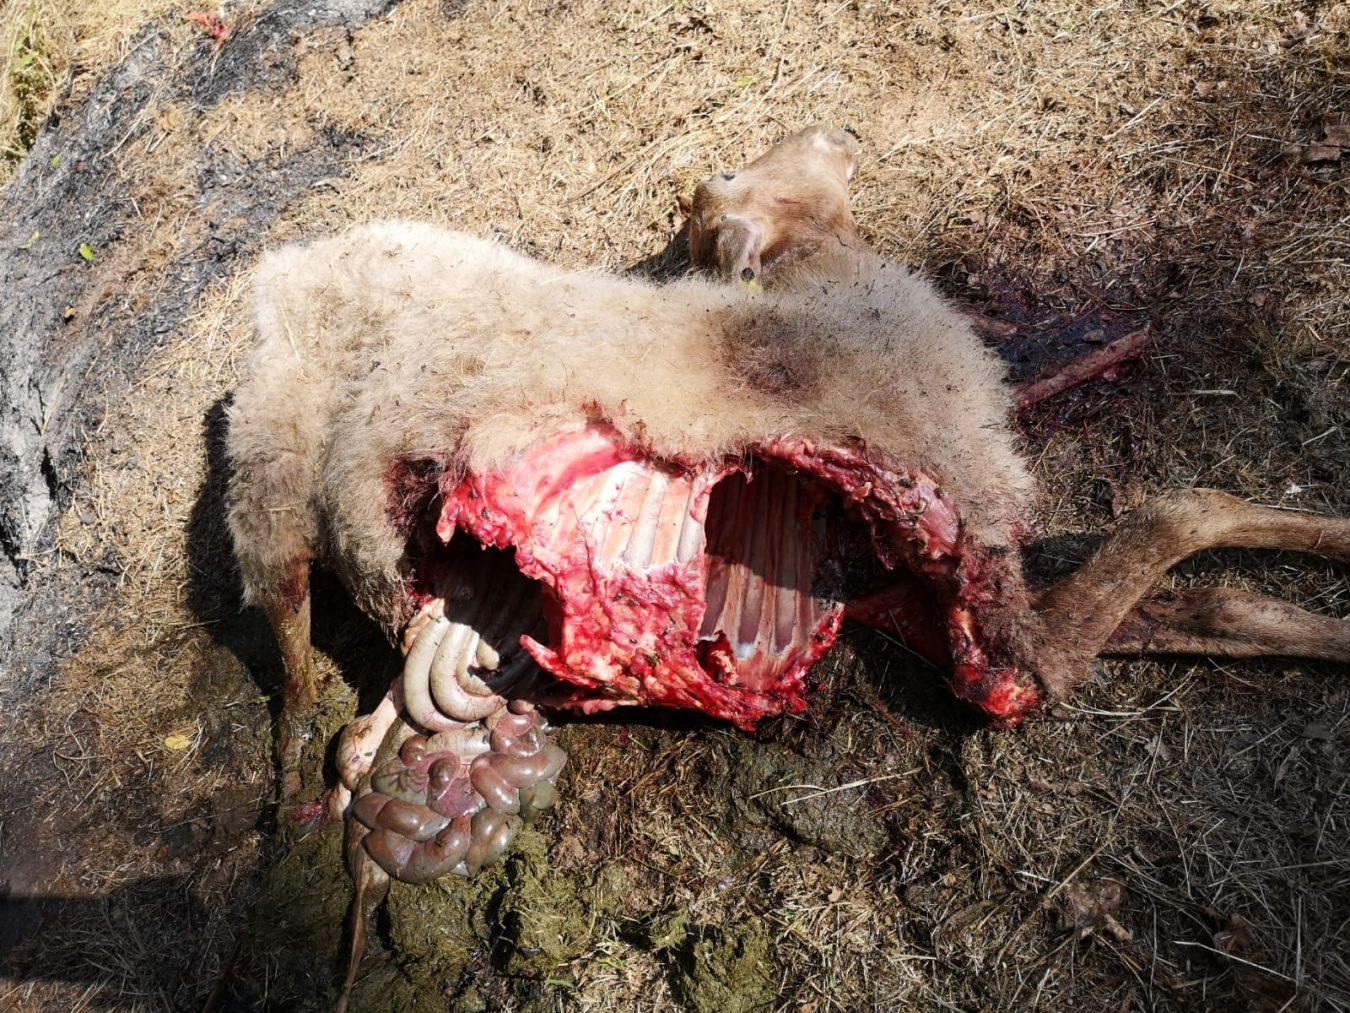 El lobo mata otras cinco ovejas en Cangas de Arriba, a 300 metros de viviendas habitadas